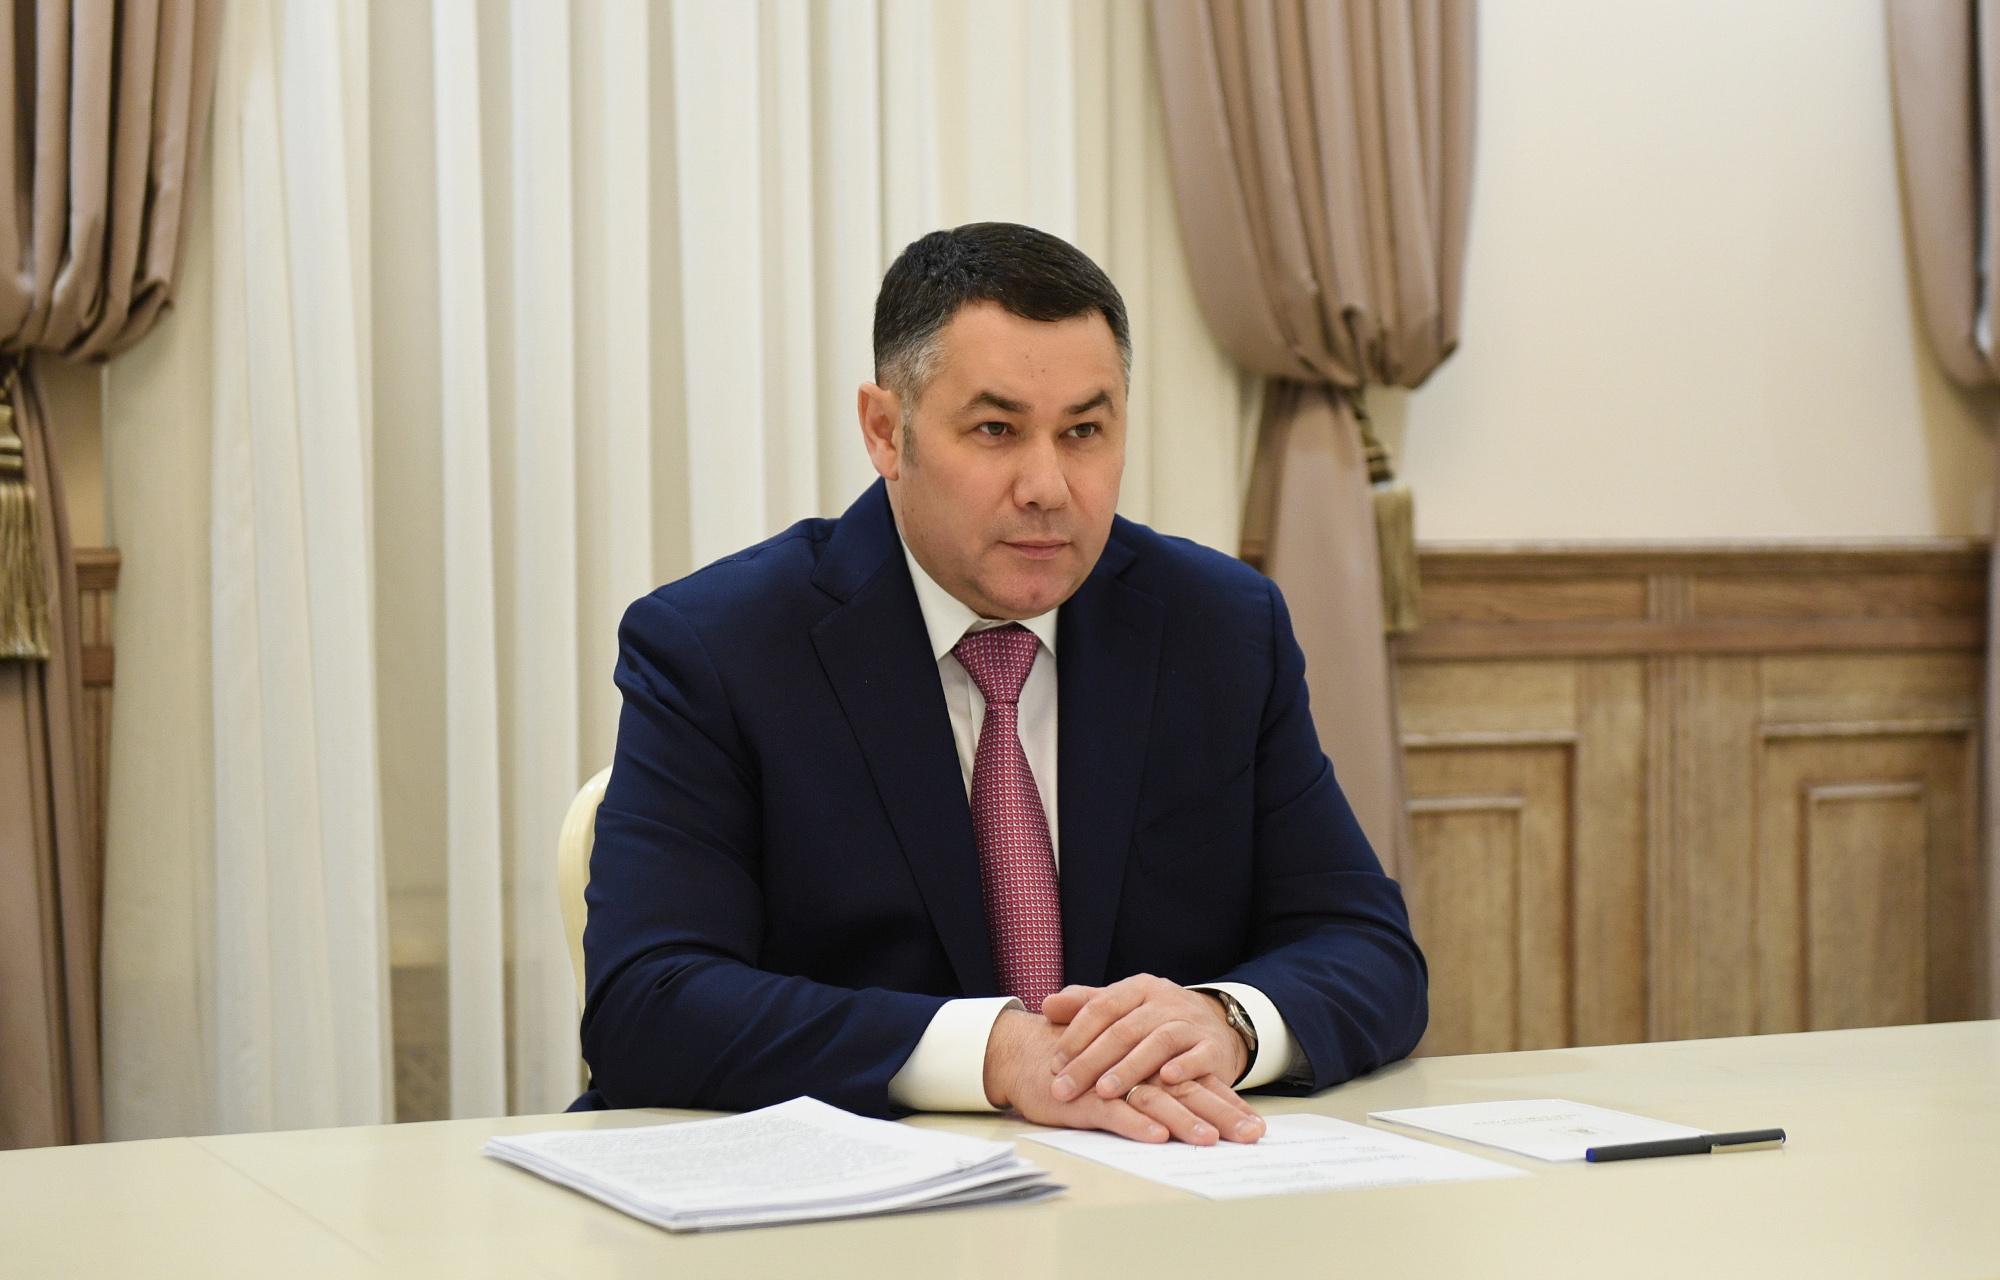 Игорь Руденя провел встречу с главой города Ржева Романом Крыловым